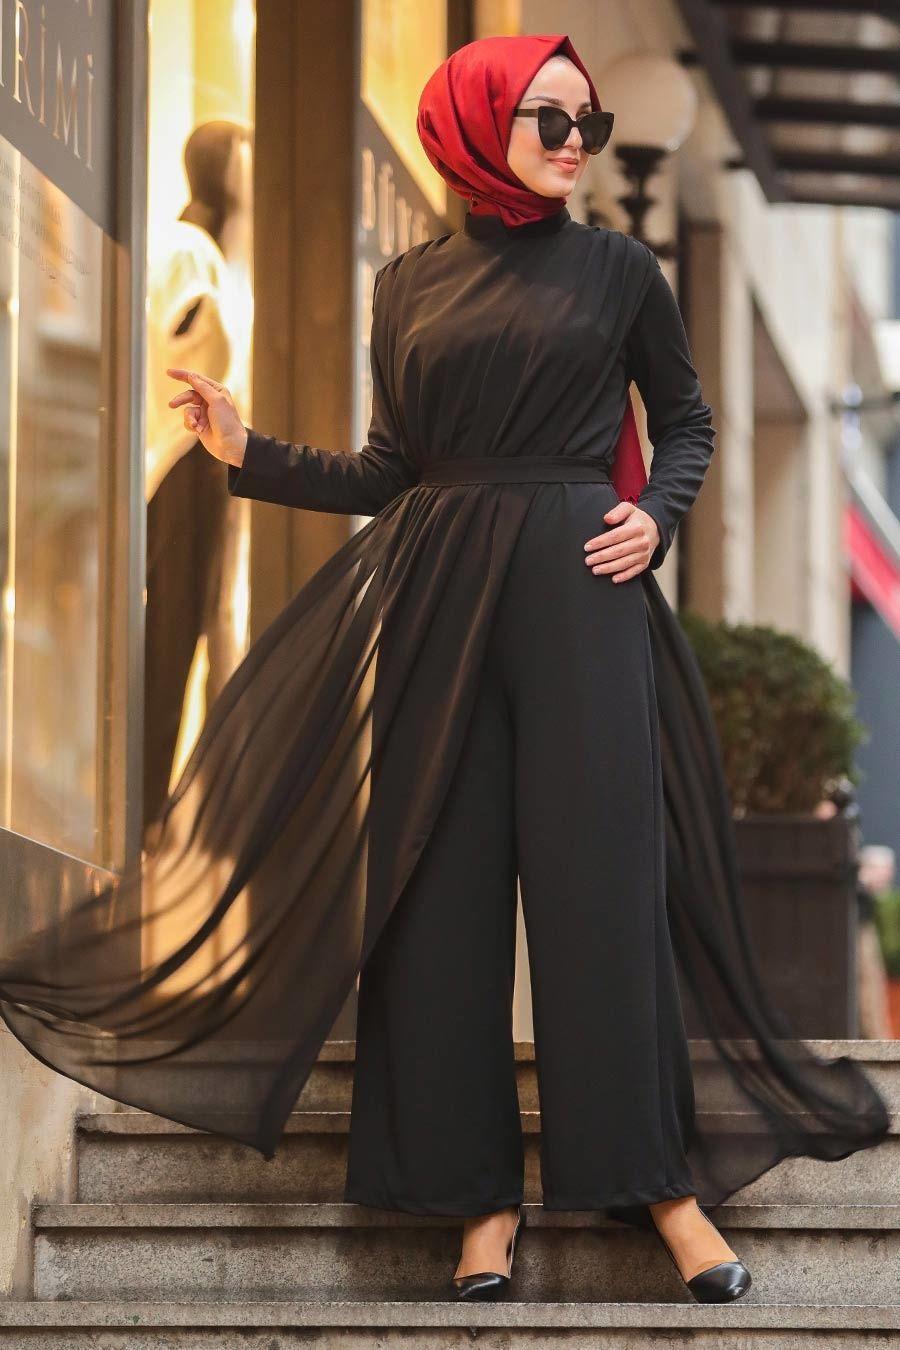 Tesetturlu Abiye Elbise Tullu Siyah Tesettur Abiye Tulum 51182s Tesetturisland Com 2020 Elbise Tulum Moda Stilleri